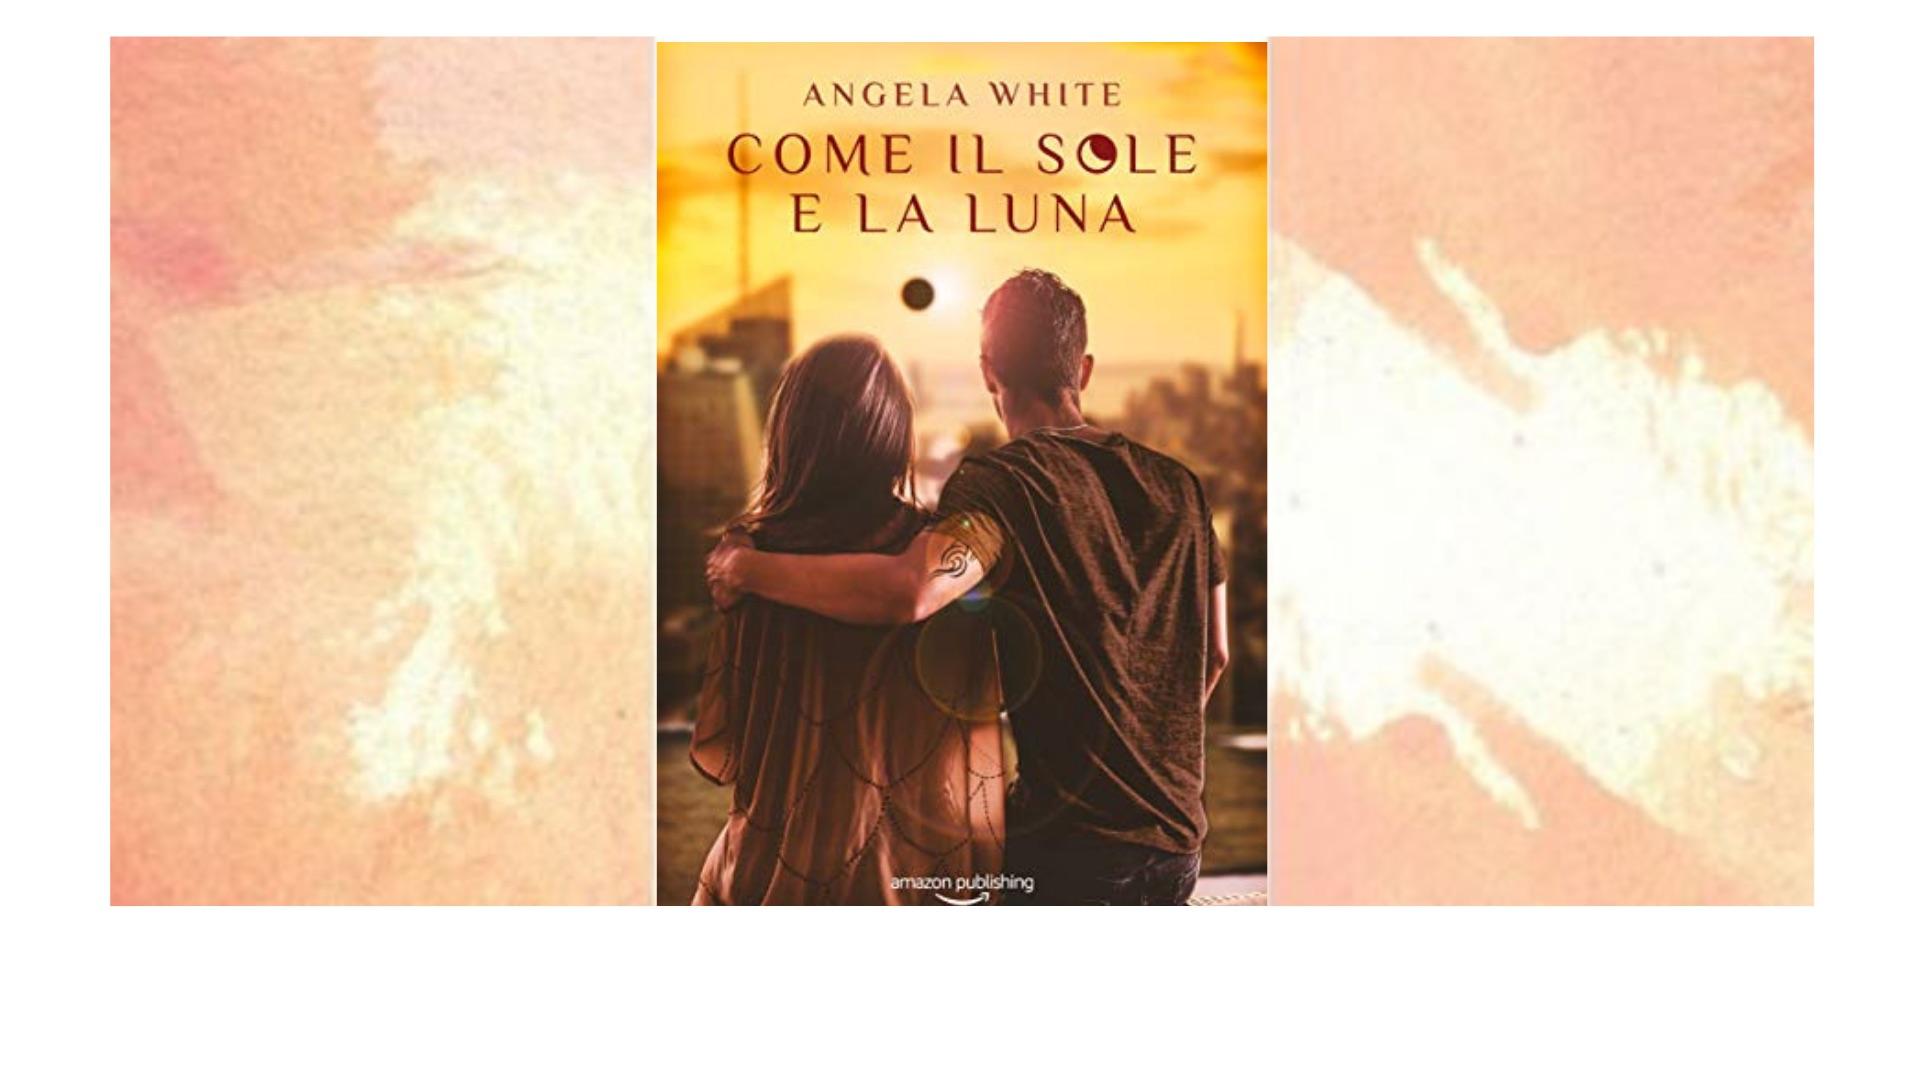 Recensione di Dalida Lorenzi: Come il sole e la luna, di Angela White